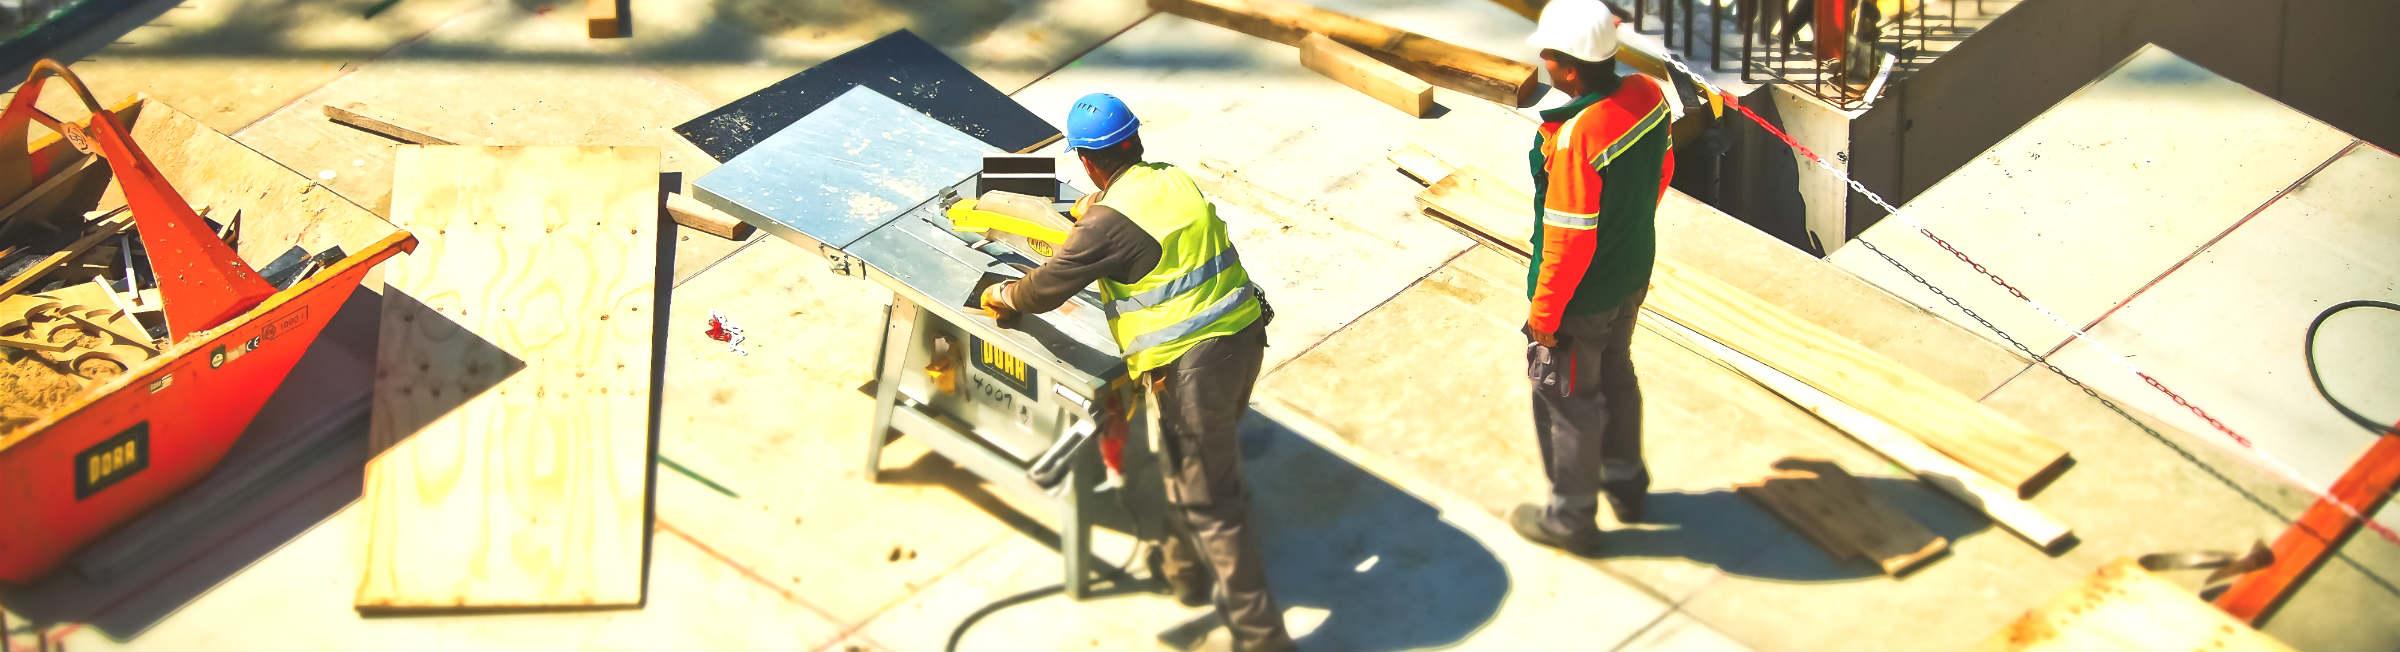 Deux ouvriers du bâtiment sur un chantier